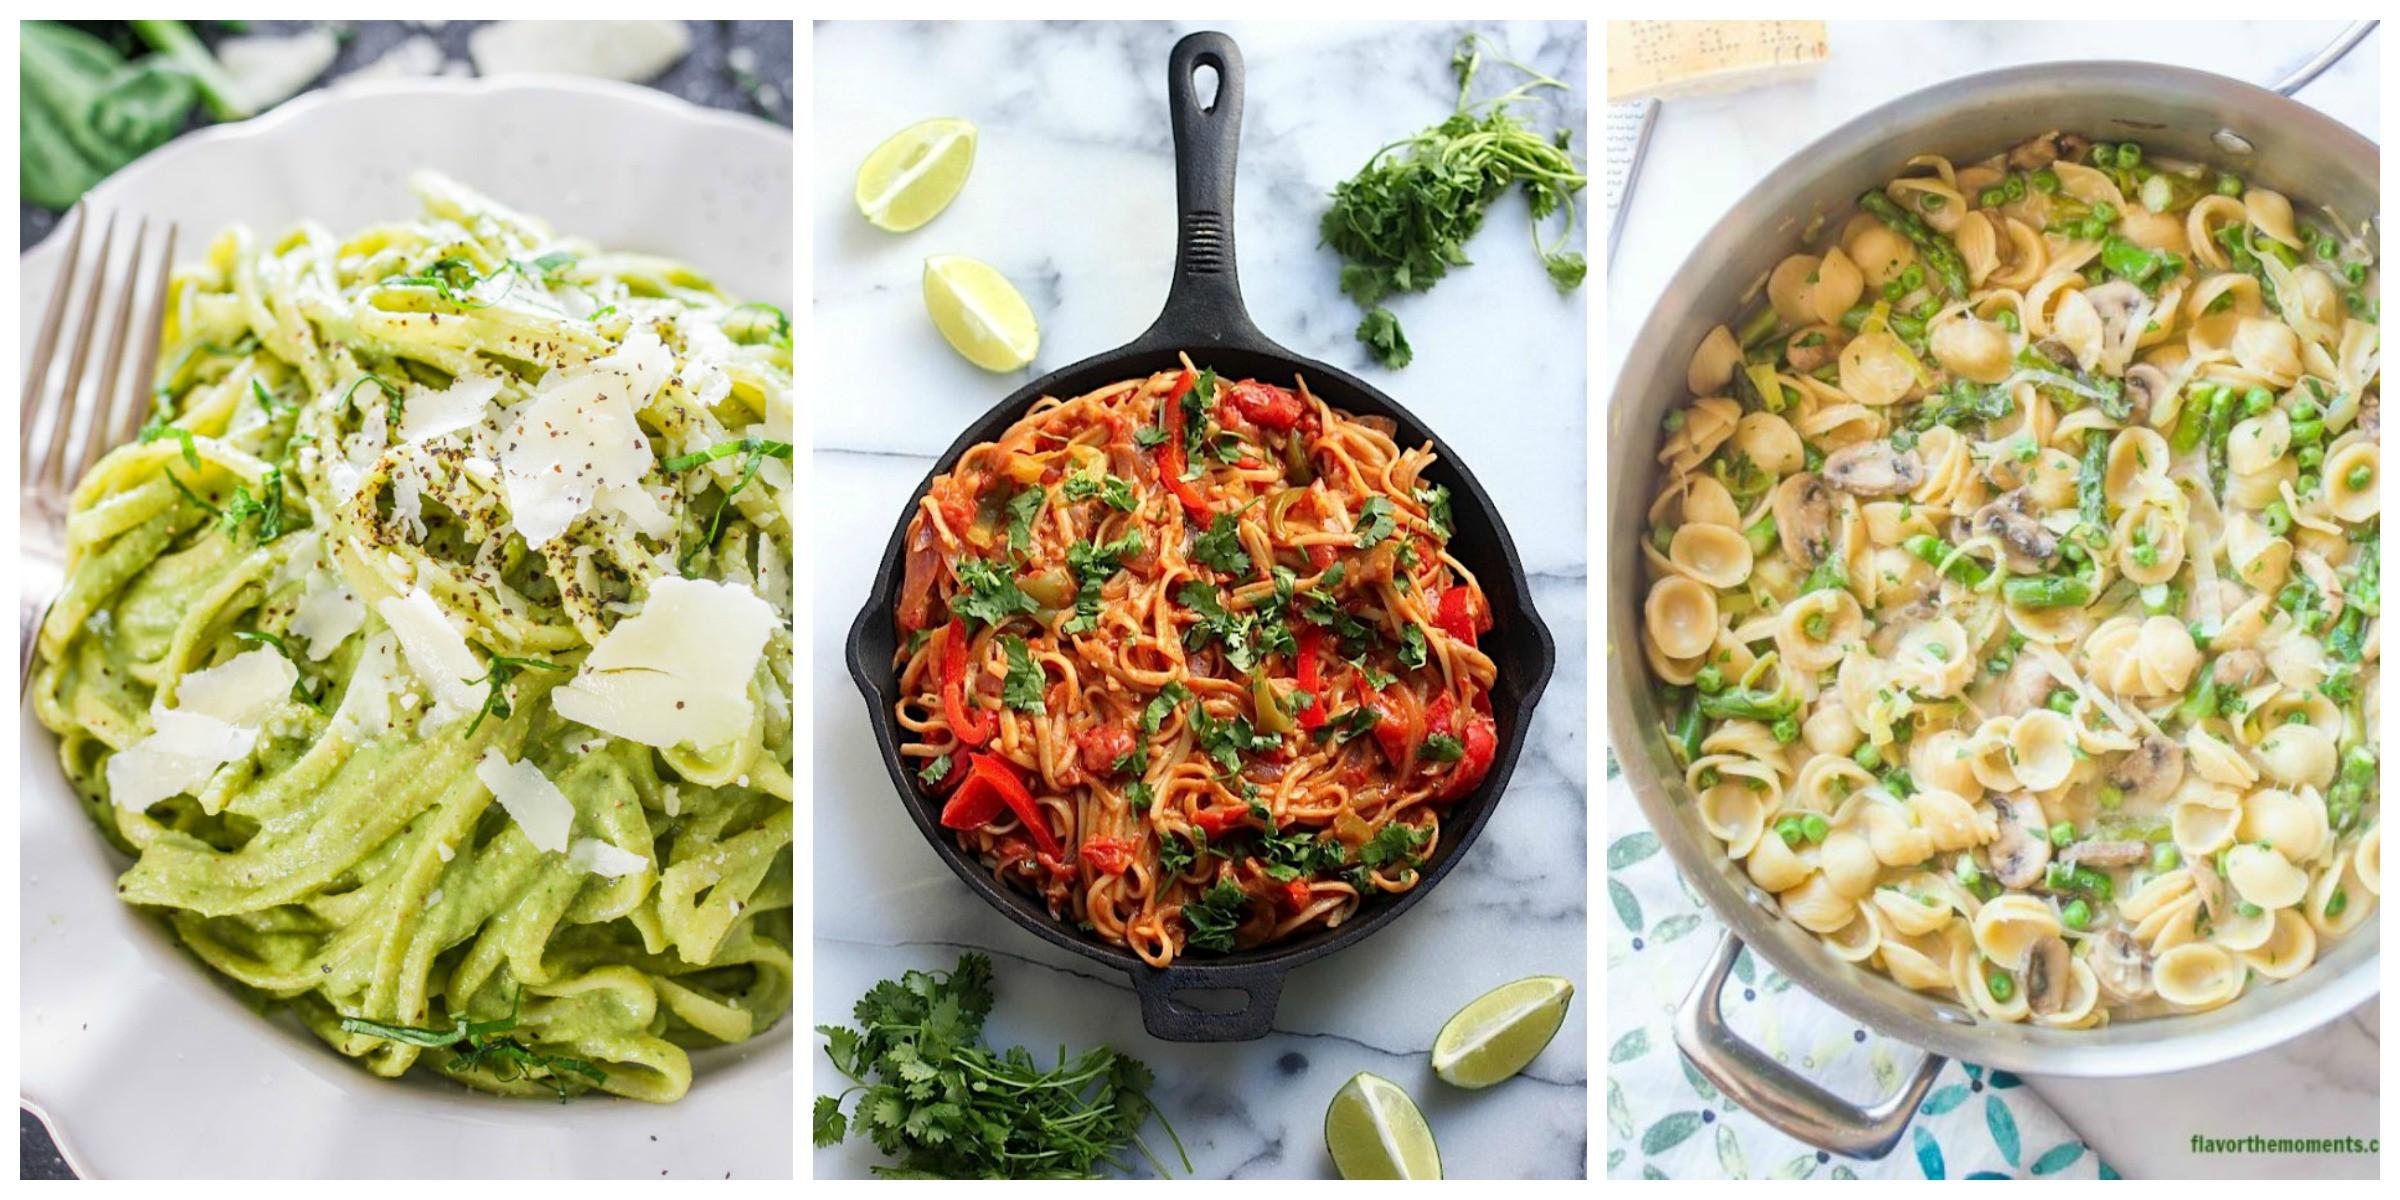 Healthy Light Dinners  25 Healthy Pasta Recipes Light Pasta Dinner Ideas